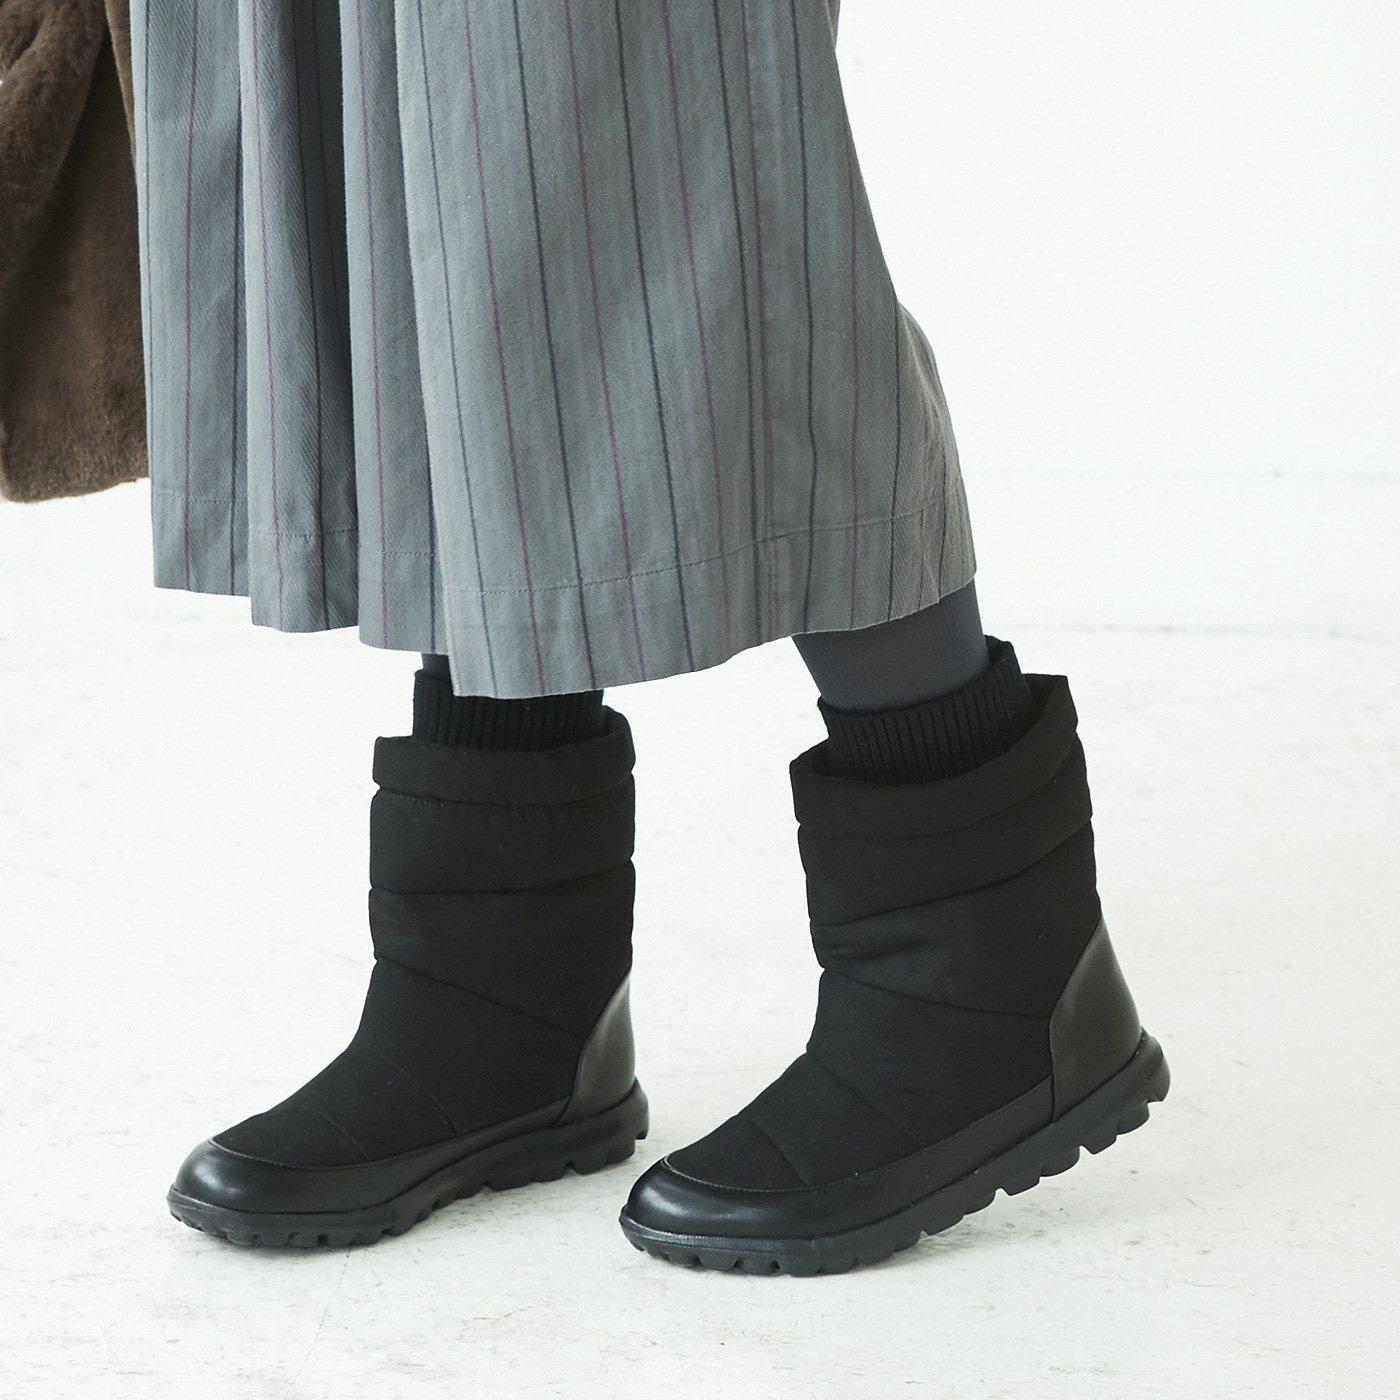 UP.de ファーとキルトがダブルで暖か 軽量やわらかスニーカーブーツ〈ブラック〉